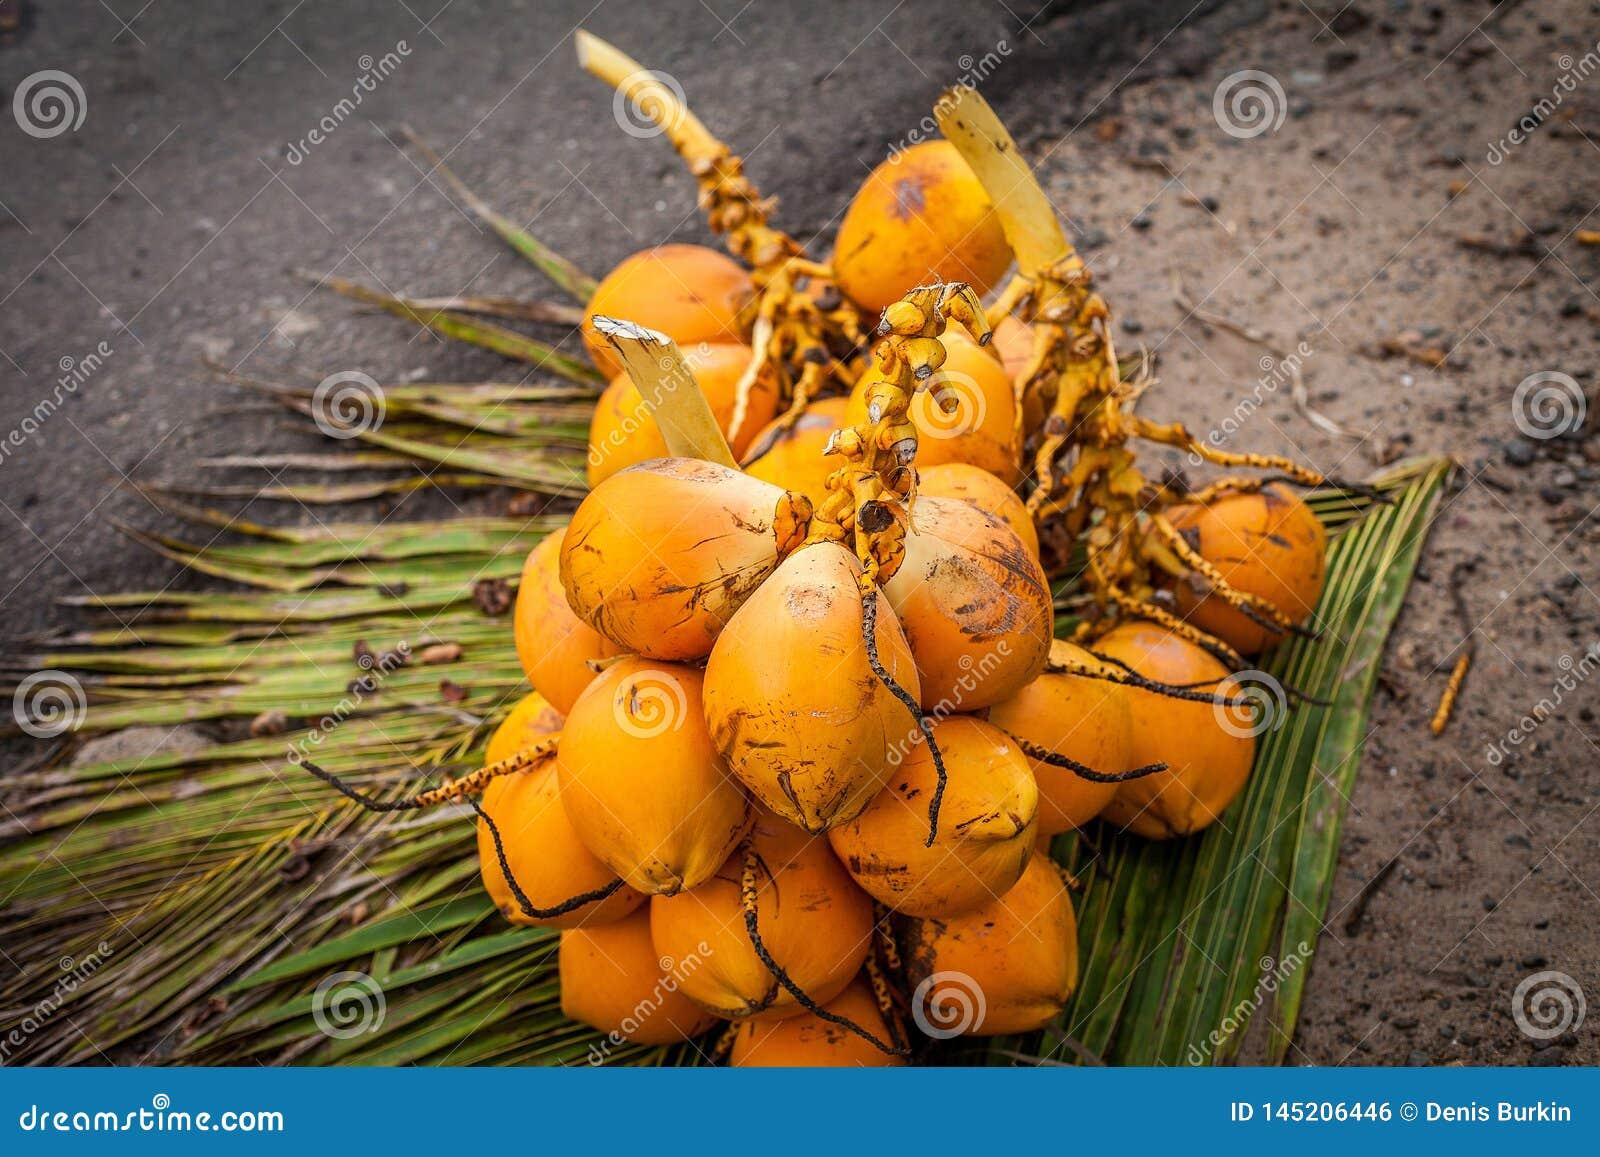 在叶子的新鲜的椰子 斯里兰卡的异乎寻常的果子 束椰子 不伤环境的产品